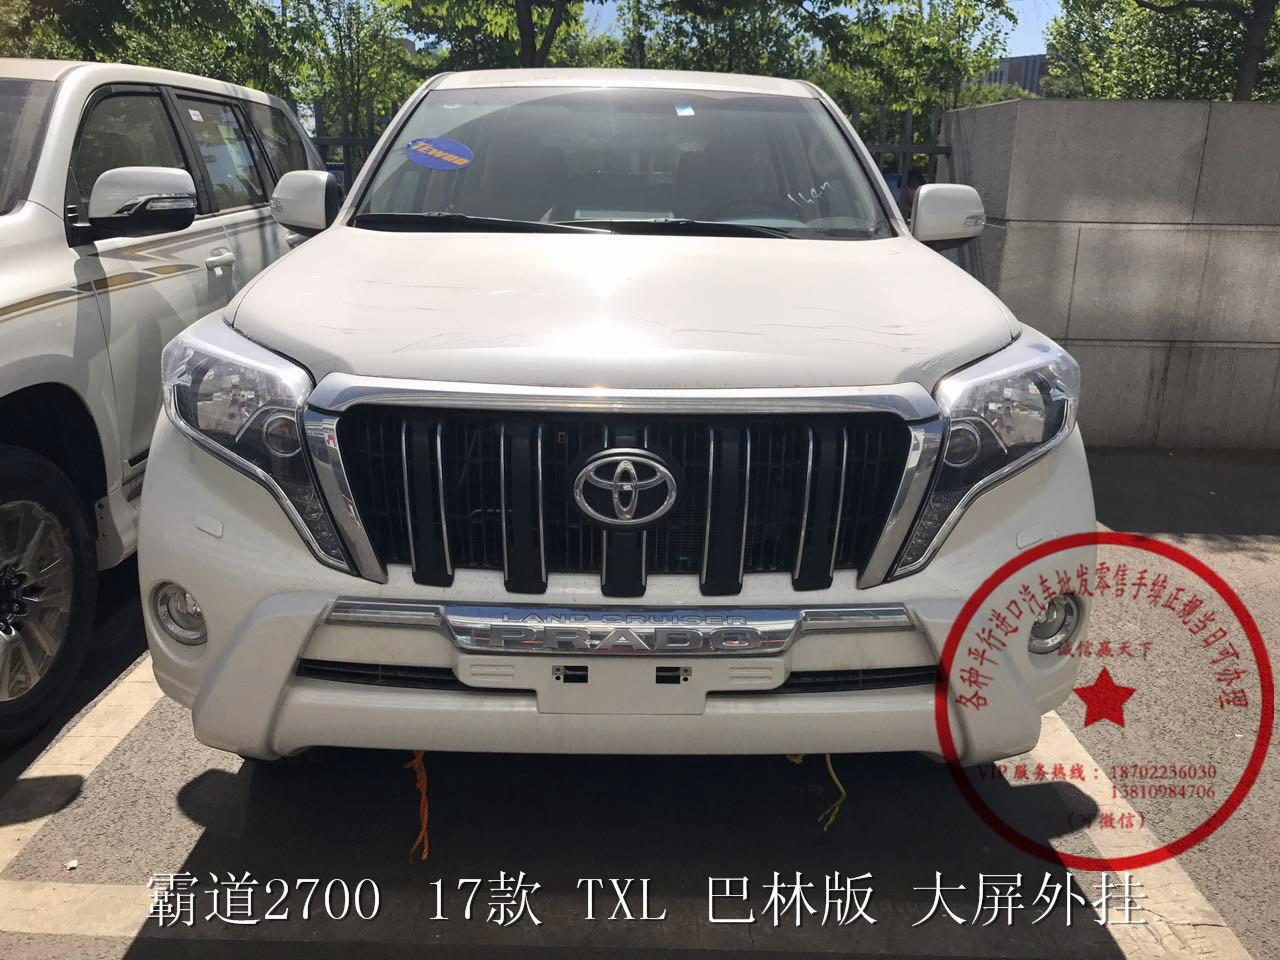 17款丰田霸道2700 巴林版suv配置豪华-北京波澜汽车